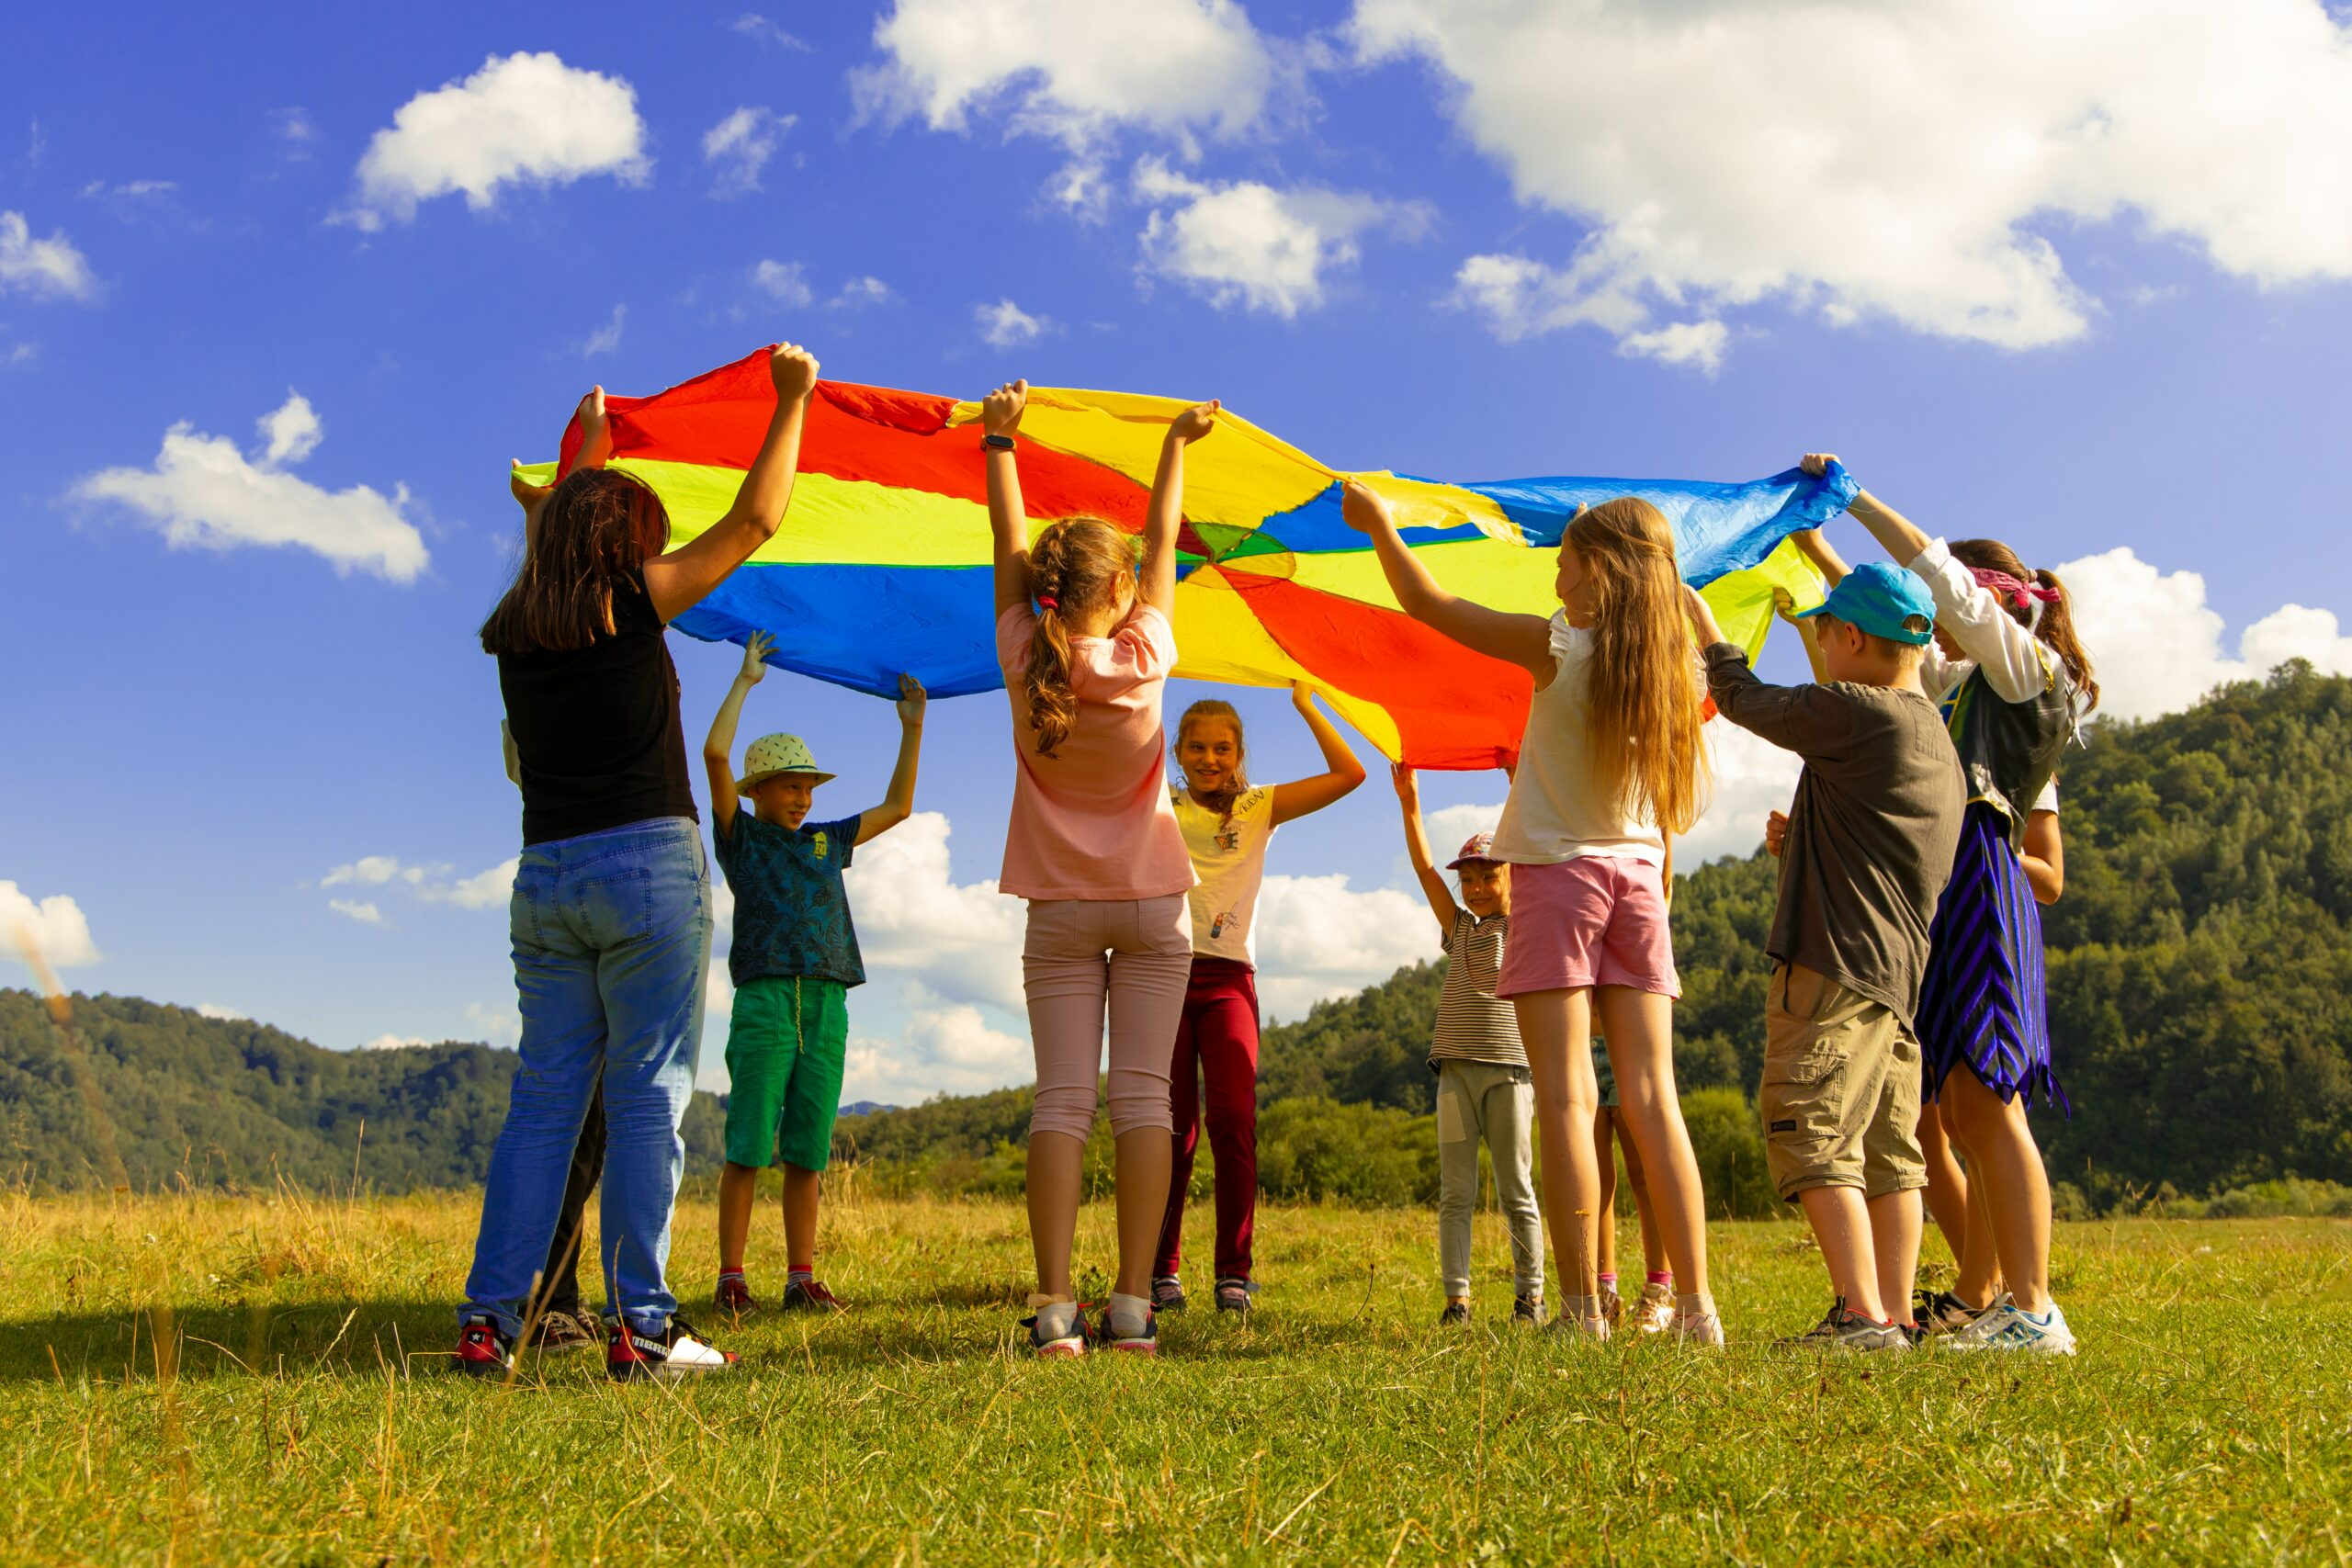 Kinder heben eine Plane in die Luft